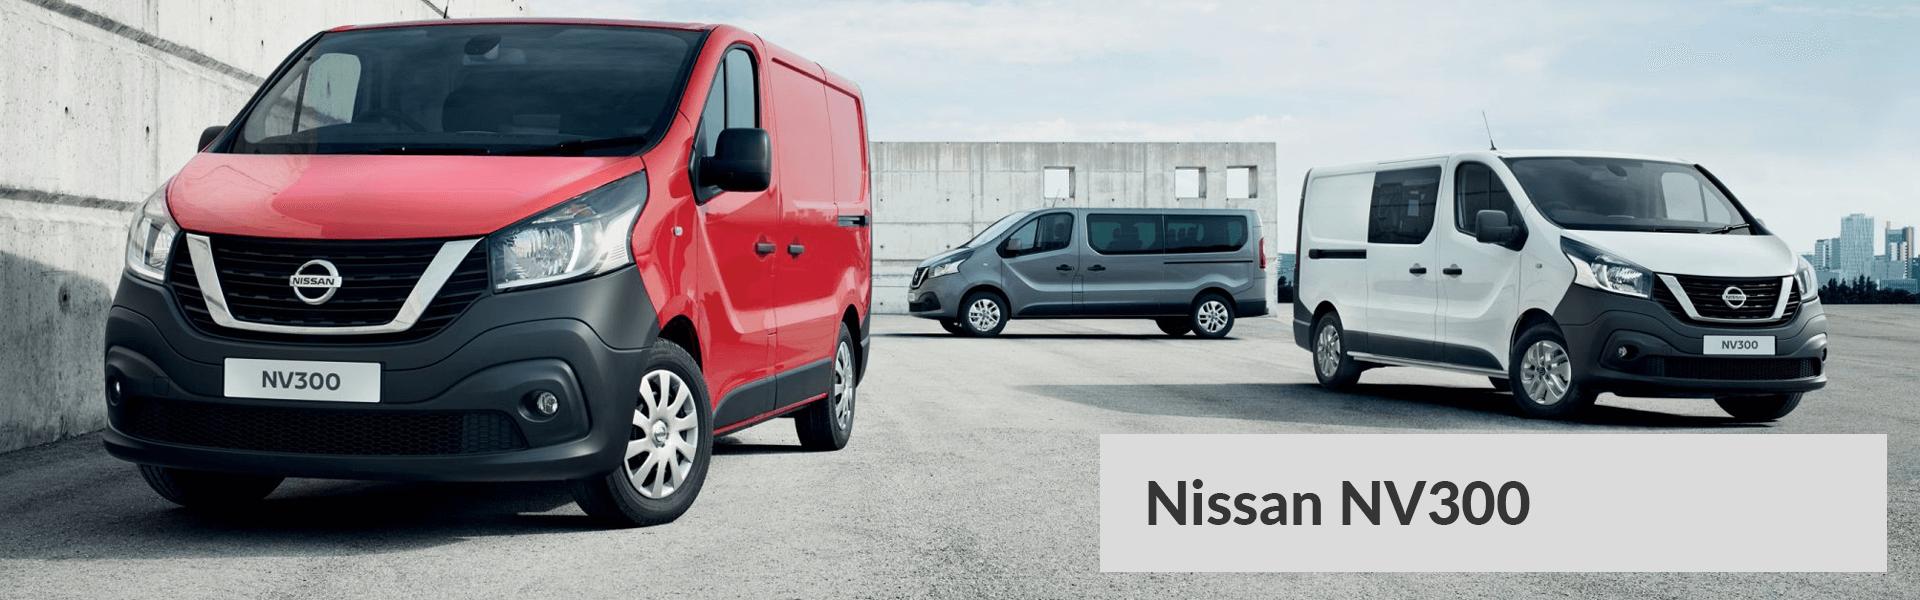 Nissan Nv300 Desktop